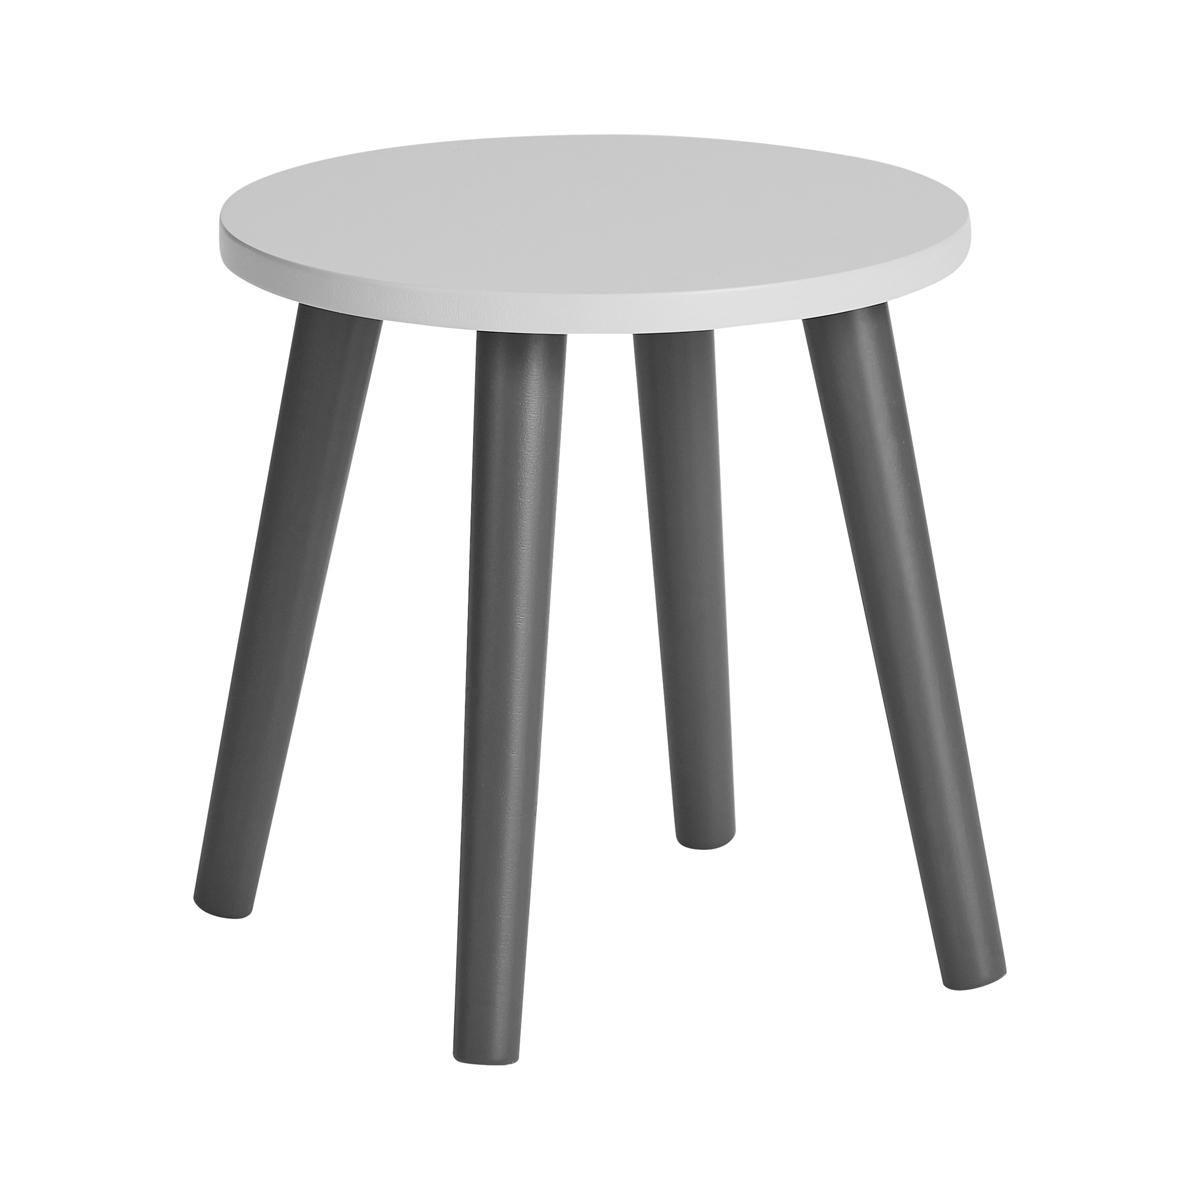 Table & Chaise Tabouret Enfant - Gris Clair / Gris Foncé